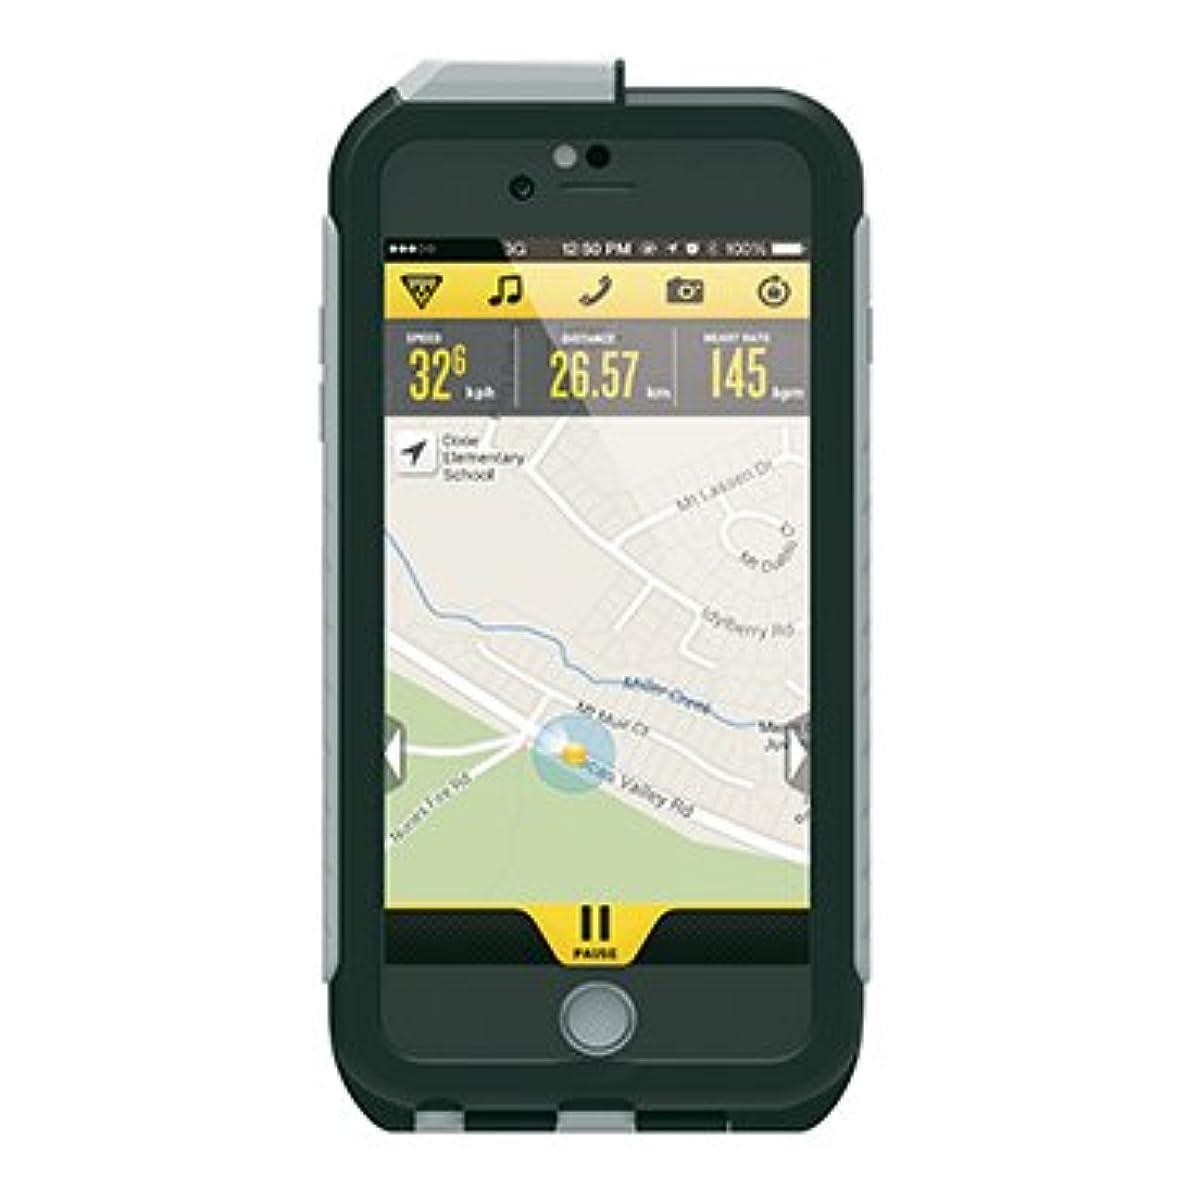 [해외] 도피쿠 weather 프르프 라이드 케이스 (iPhone 6 Plus용)마운트(ACZ23500)세트